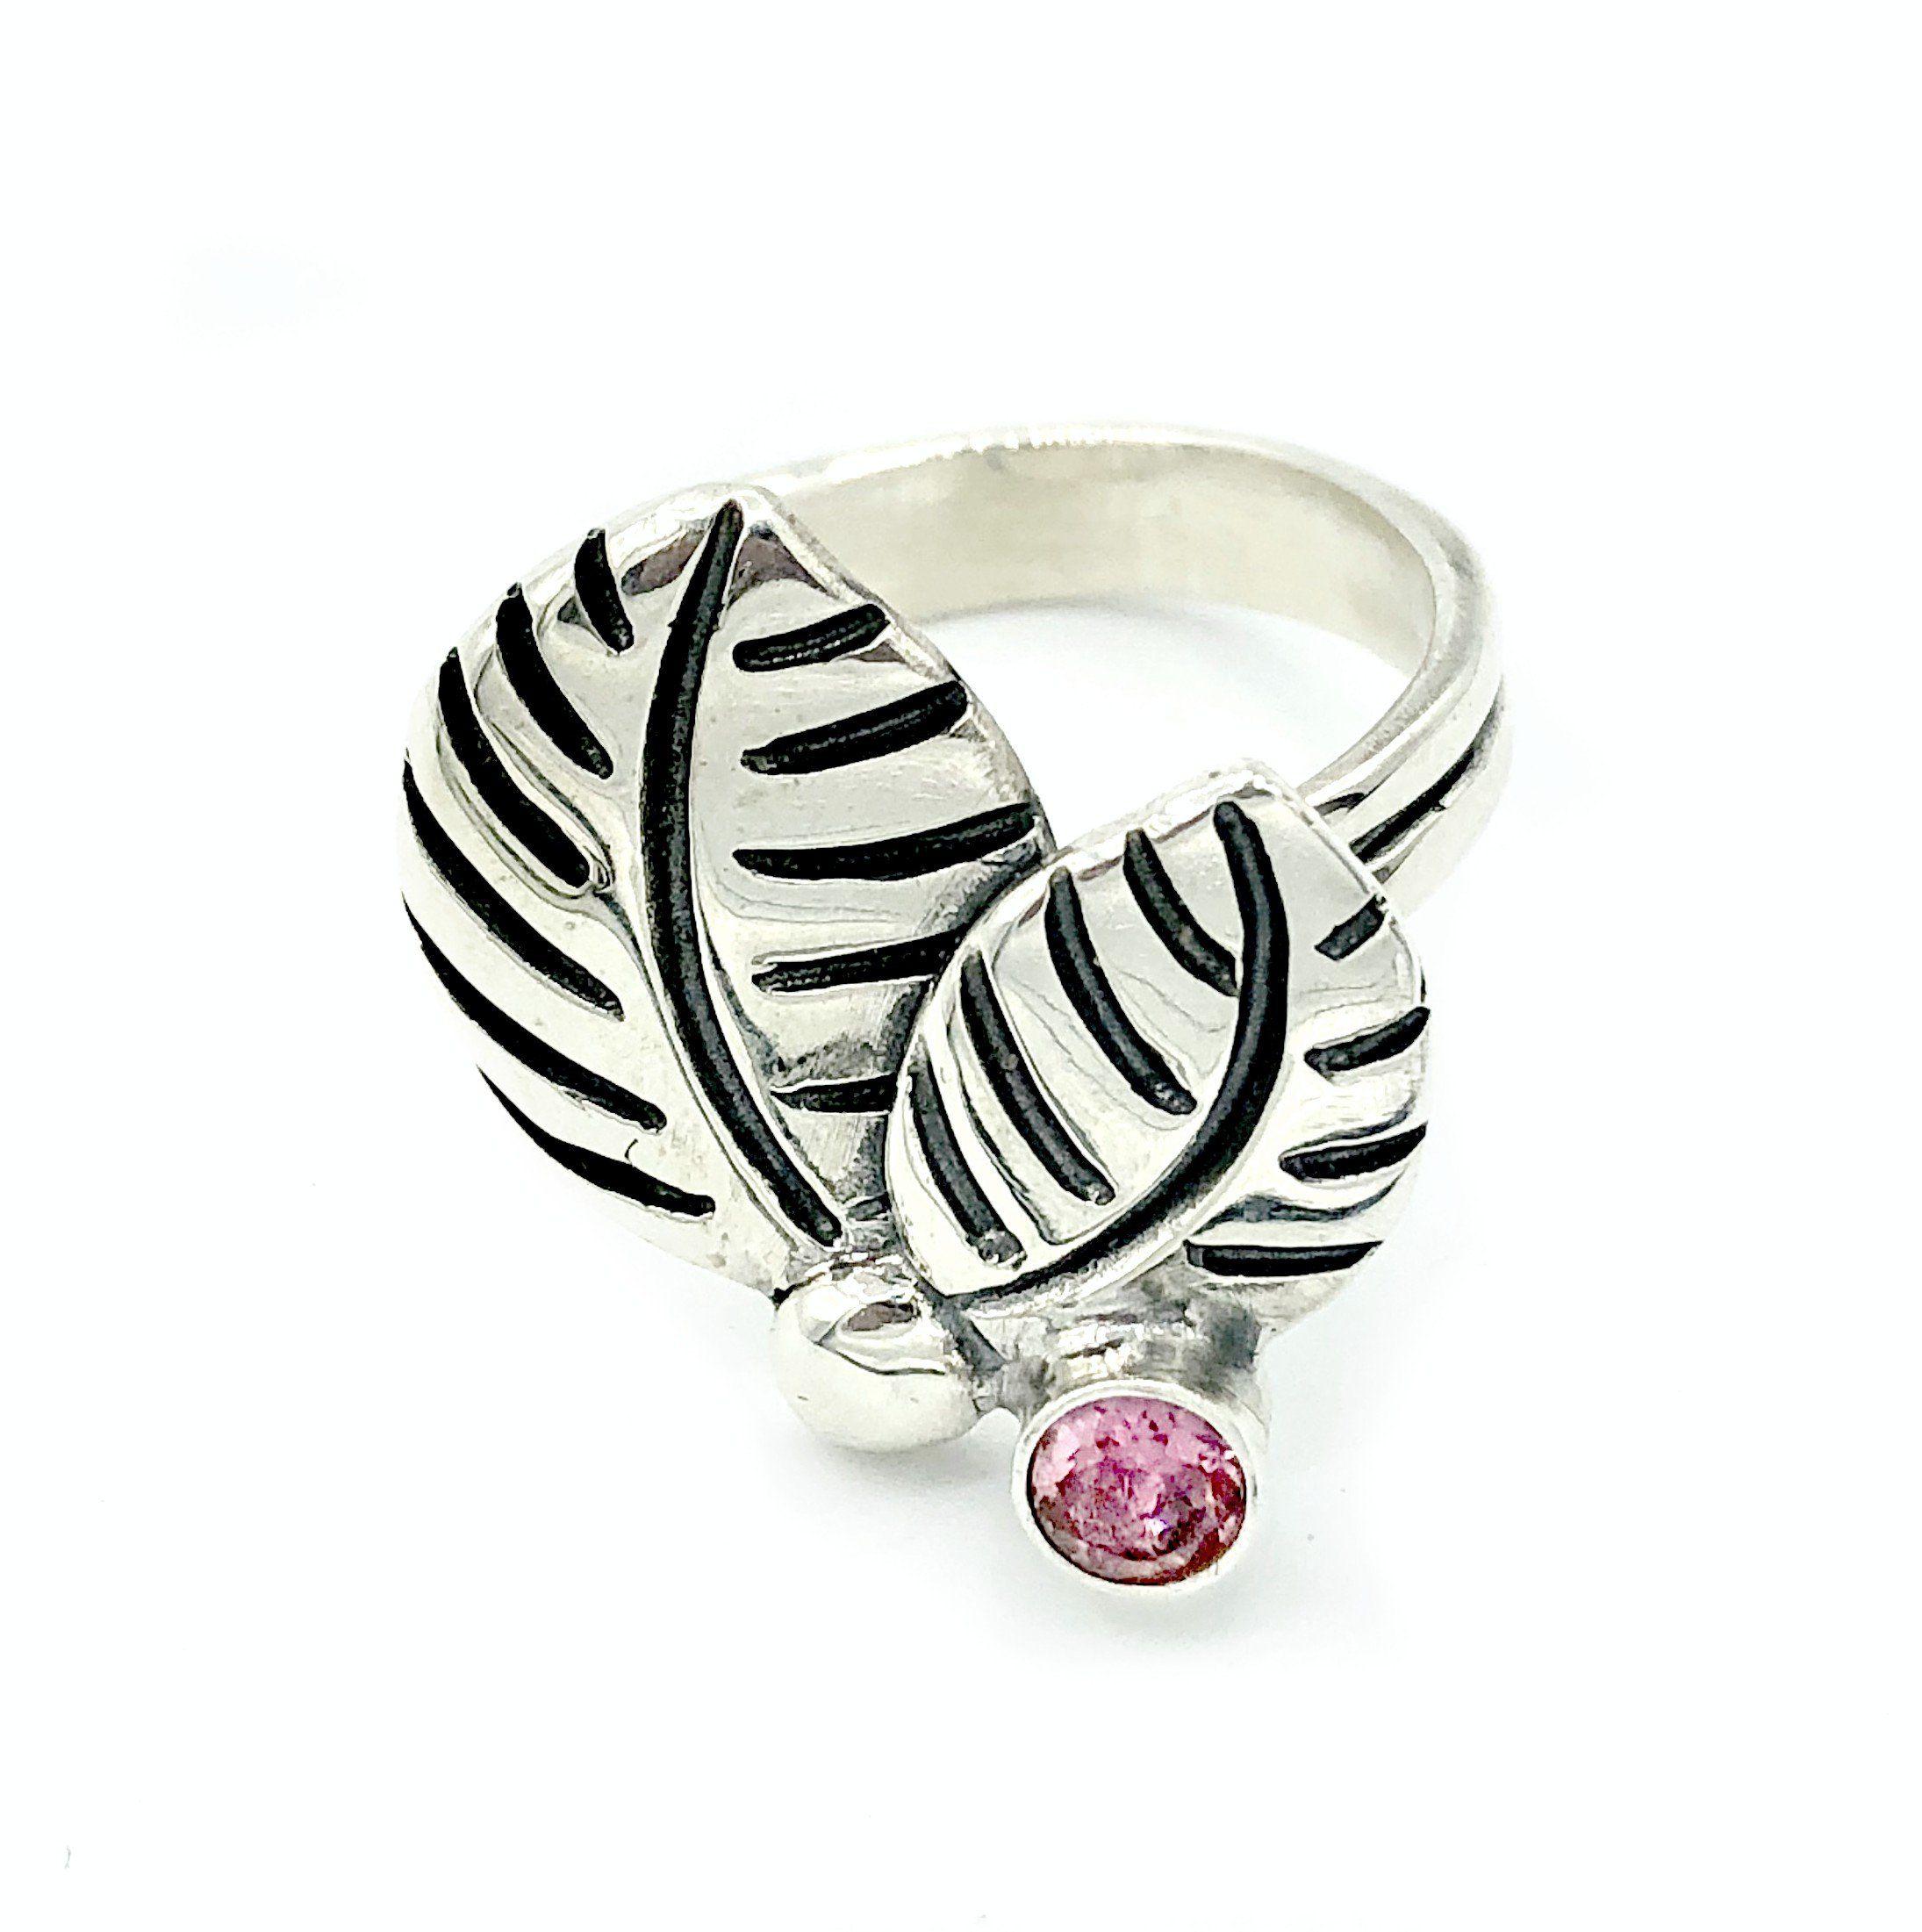 leaves ring pink tourmaline silver ring pink tourmaline adjustable Autumn Leaf Ring leaves ring pink tourmaline silver ring pink tourmaline adjustable silver ring